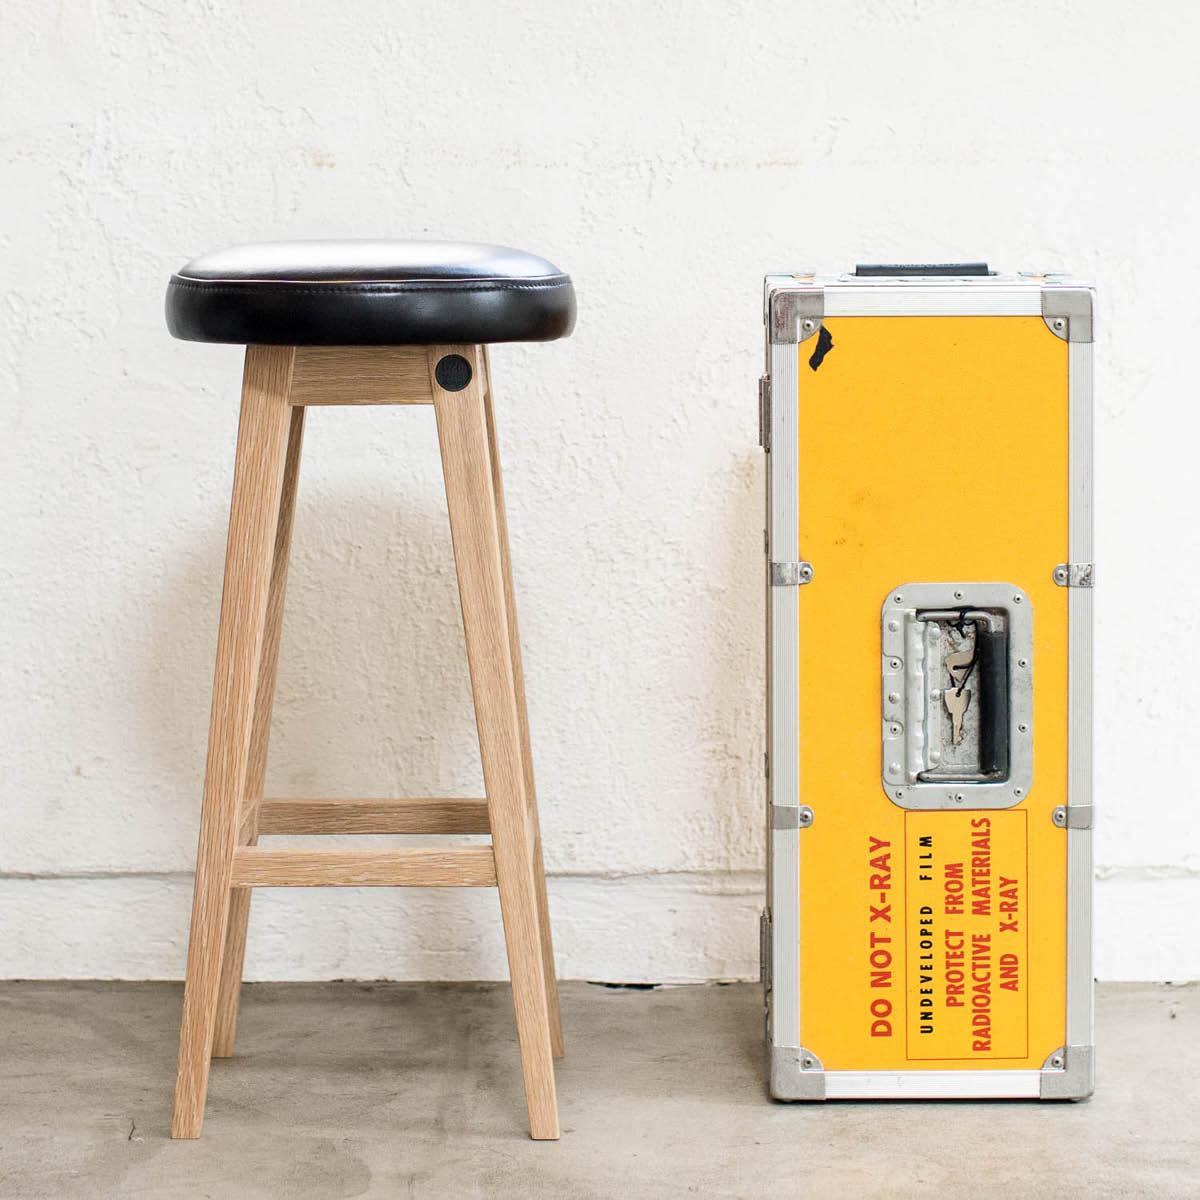 ハイスツール シンプル 無垢 ウッド [b2c シンプルラウンドスツール-ハイ(オイルドレザー-ブラック) ] サラサデザインストア